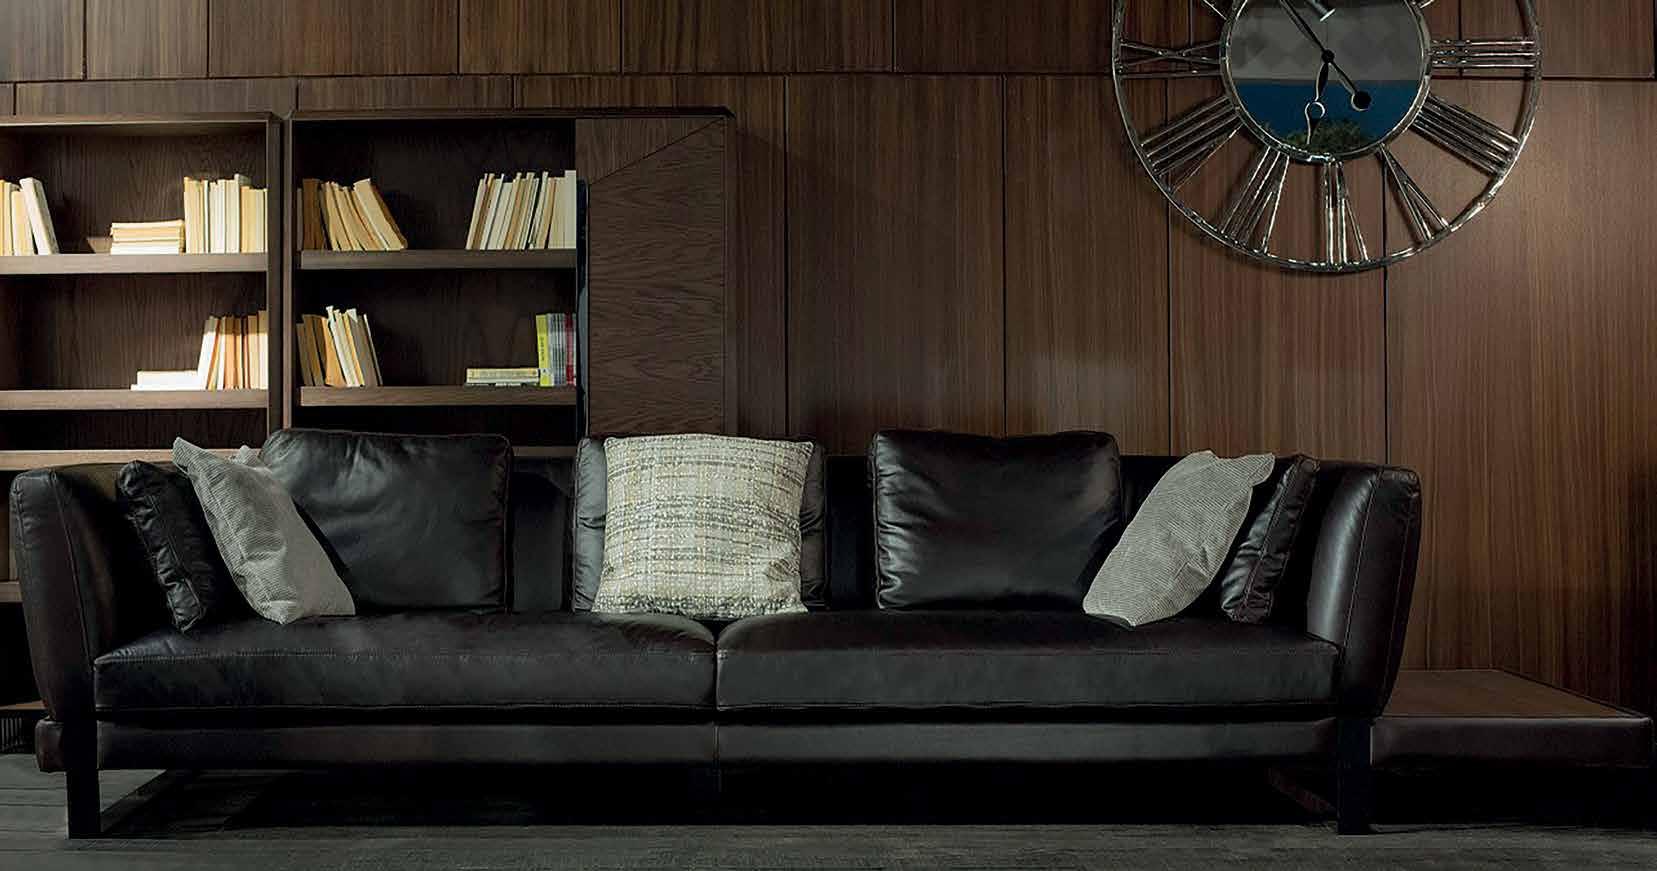 Черен диван Juliette - арт мебели естествено дърво